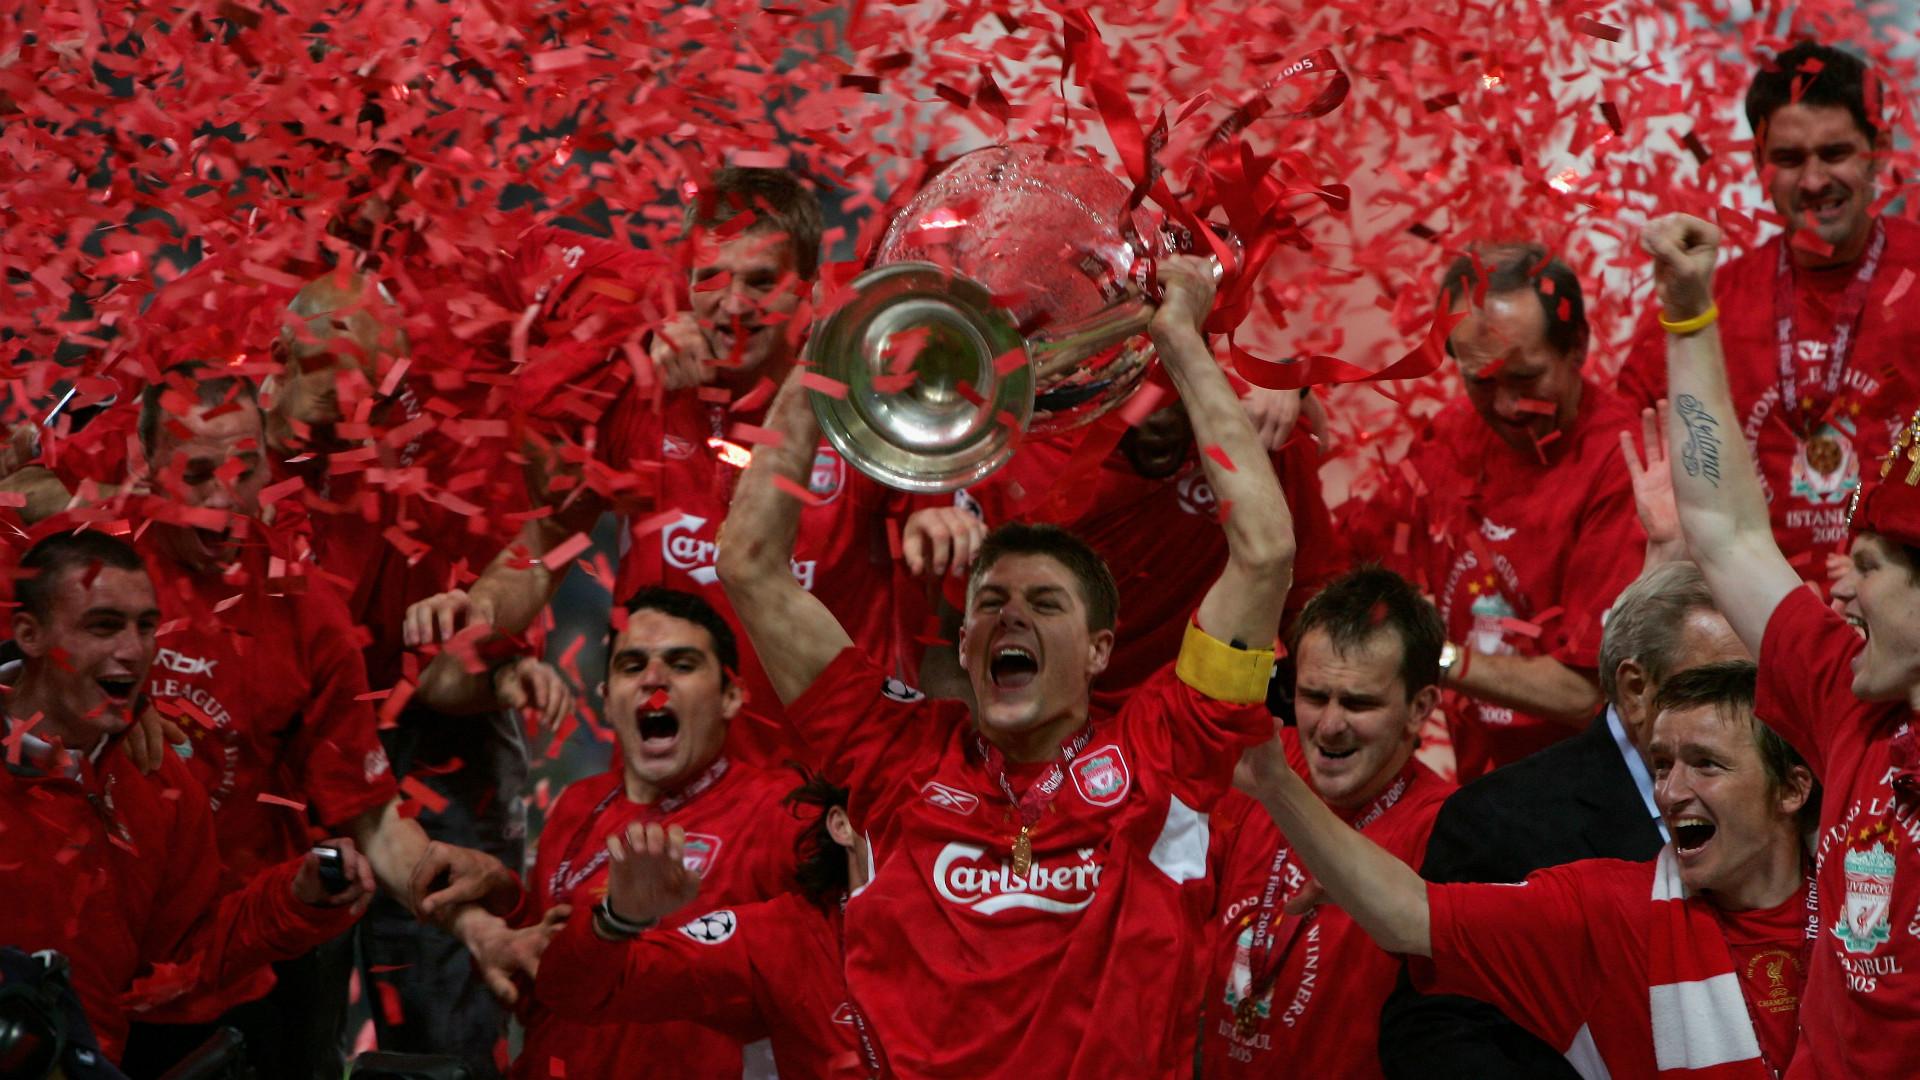 Champions League Finale 2005